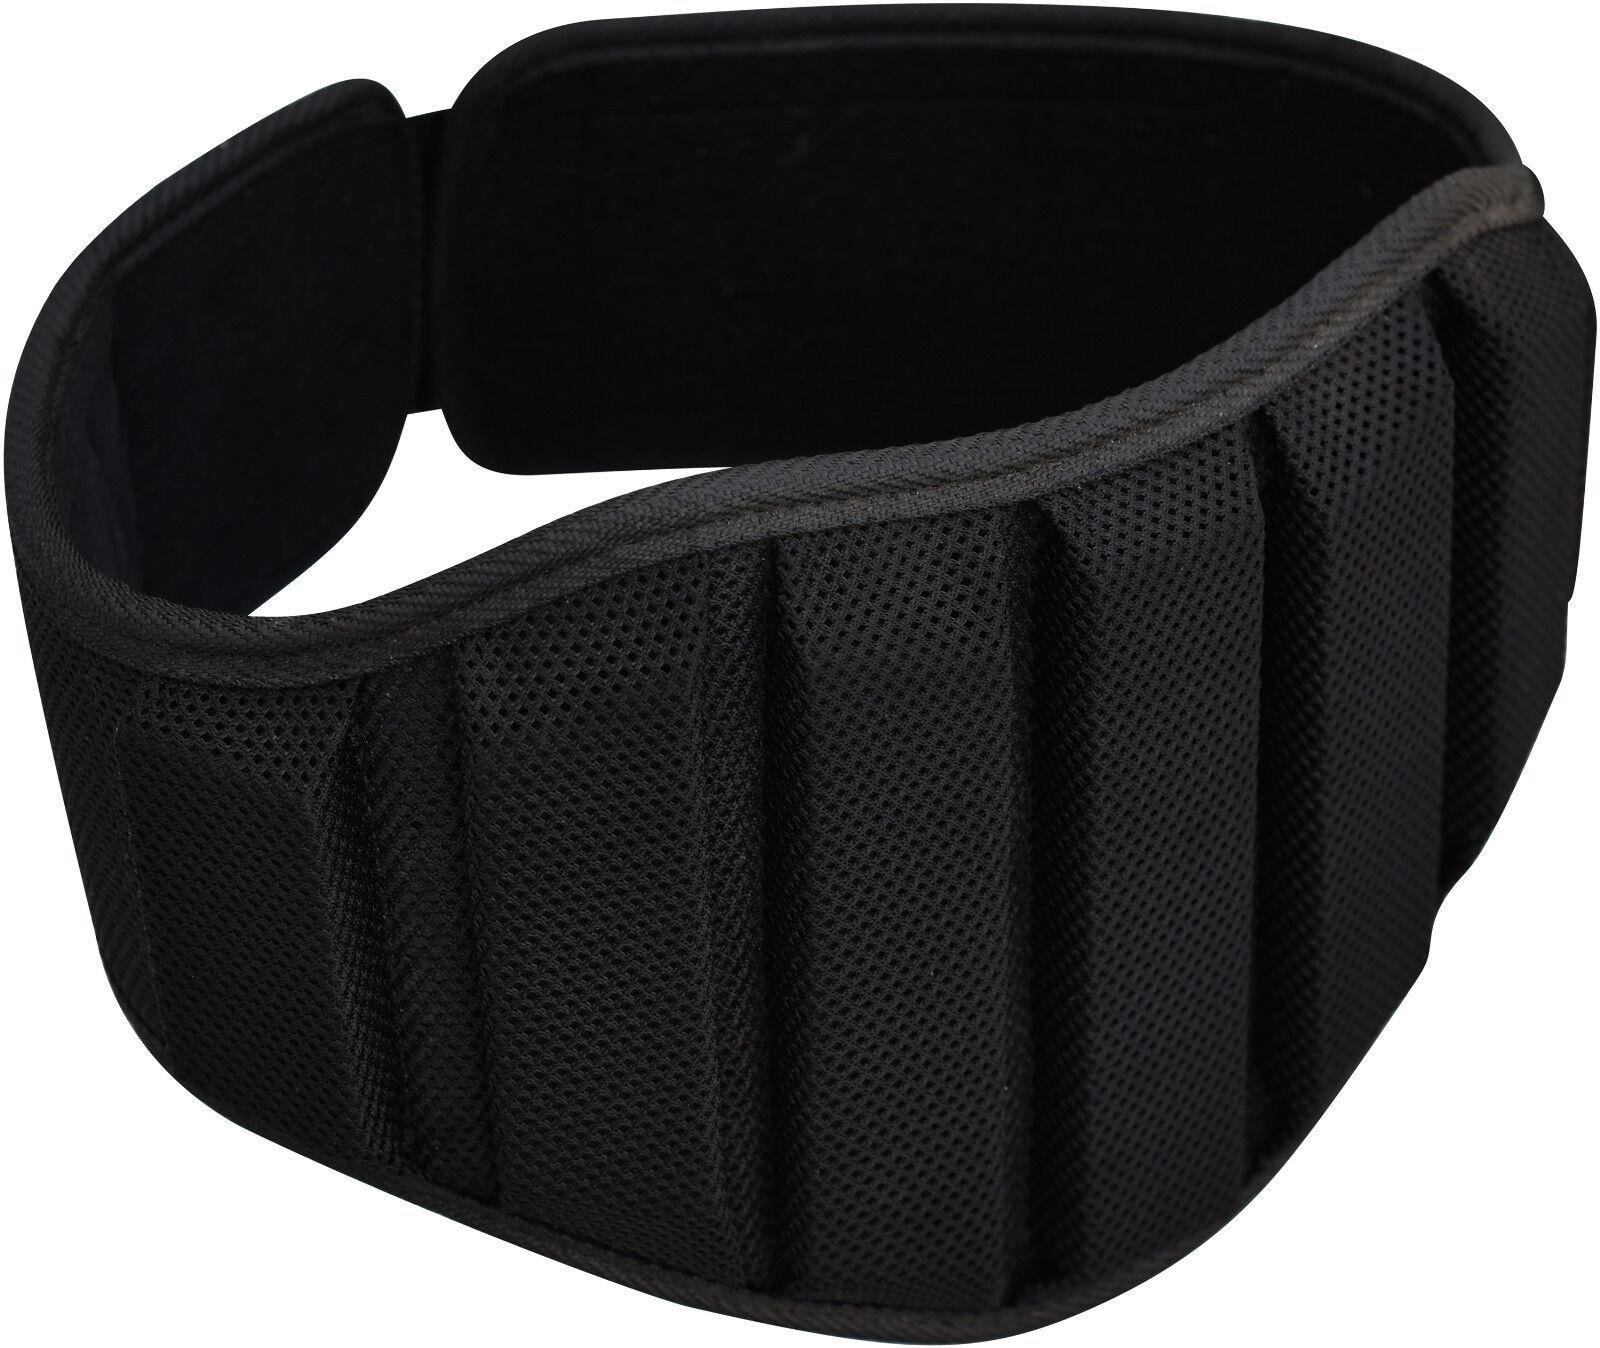 RDX lombaire inférieure Support dorsal ceinture douleur taille soulagement formation taille douleur poids et haltères bb423c